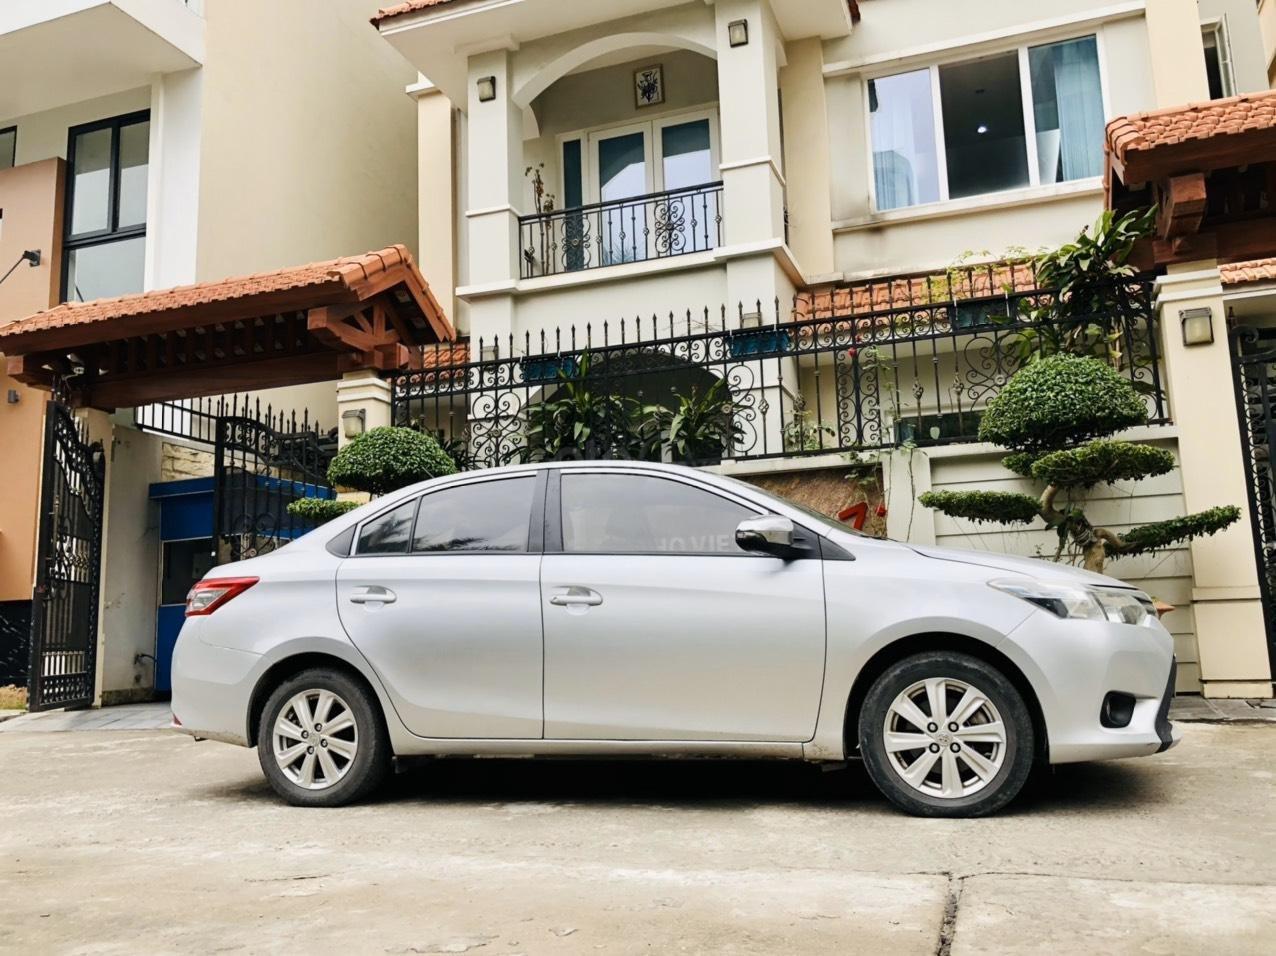 Bán xe Toyota Vios E MT sản xuất 2015, xe đẹp không lỗi nhỏ (3)